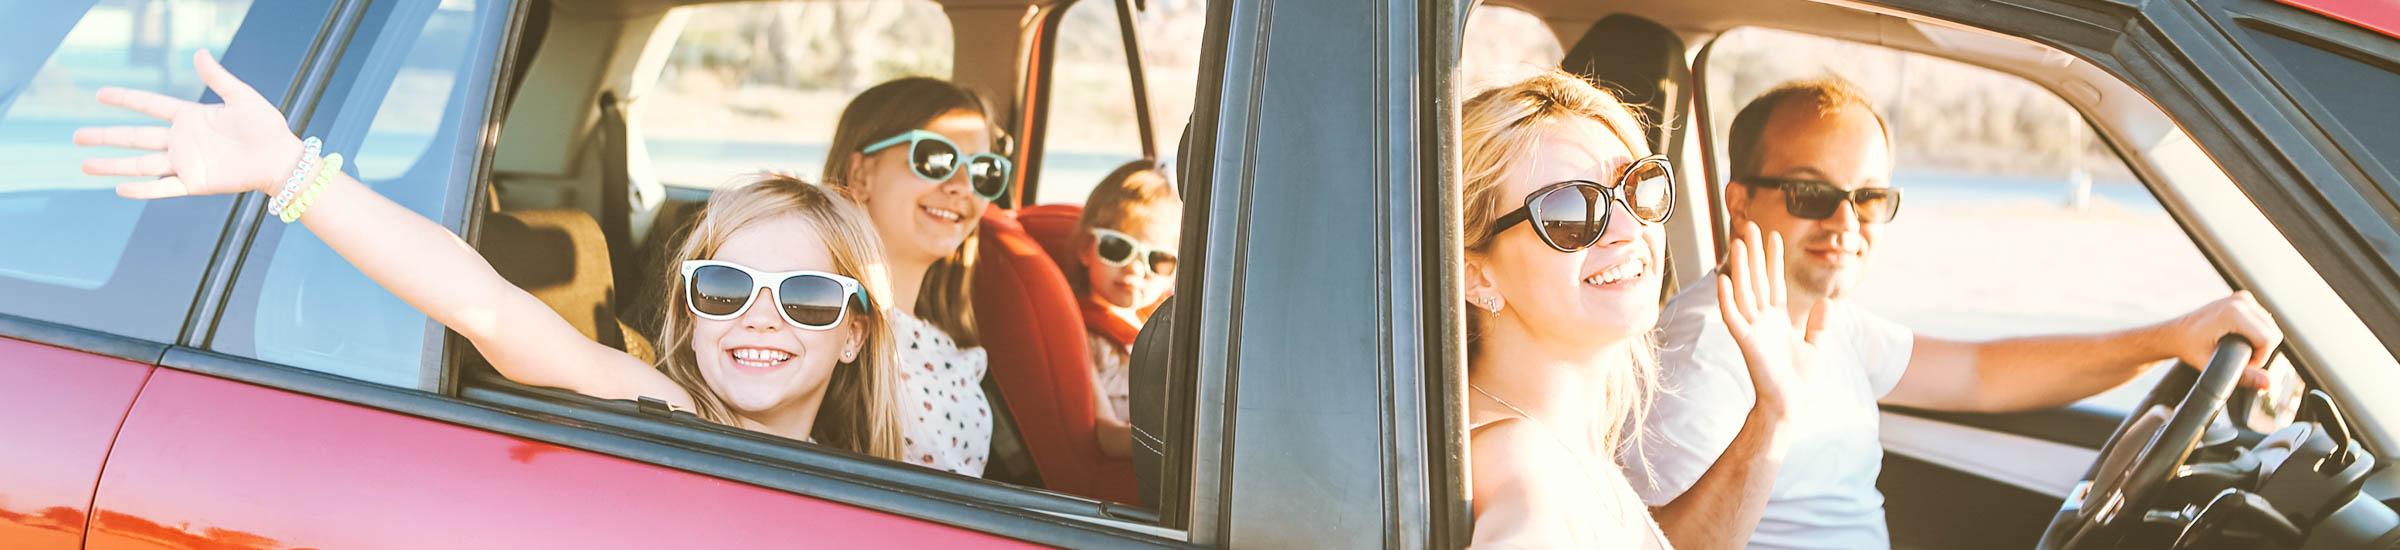 Familie mit drei Kindern winkt in die Kamera – Lange Autofahrt mit Kindern